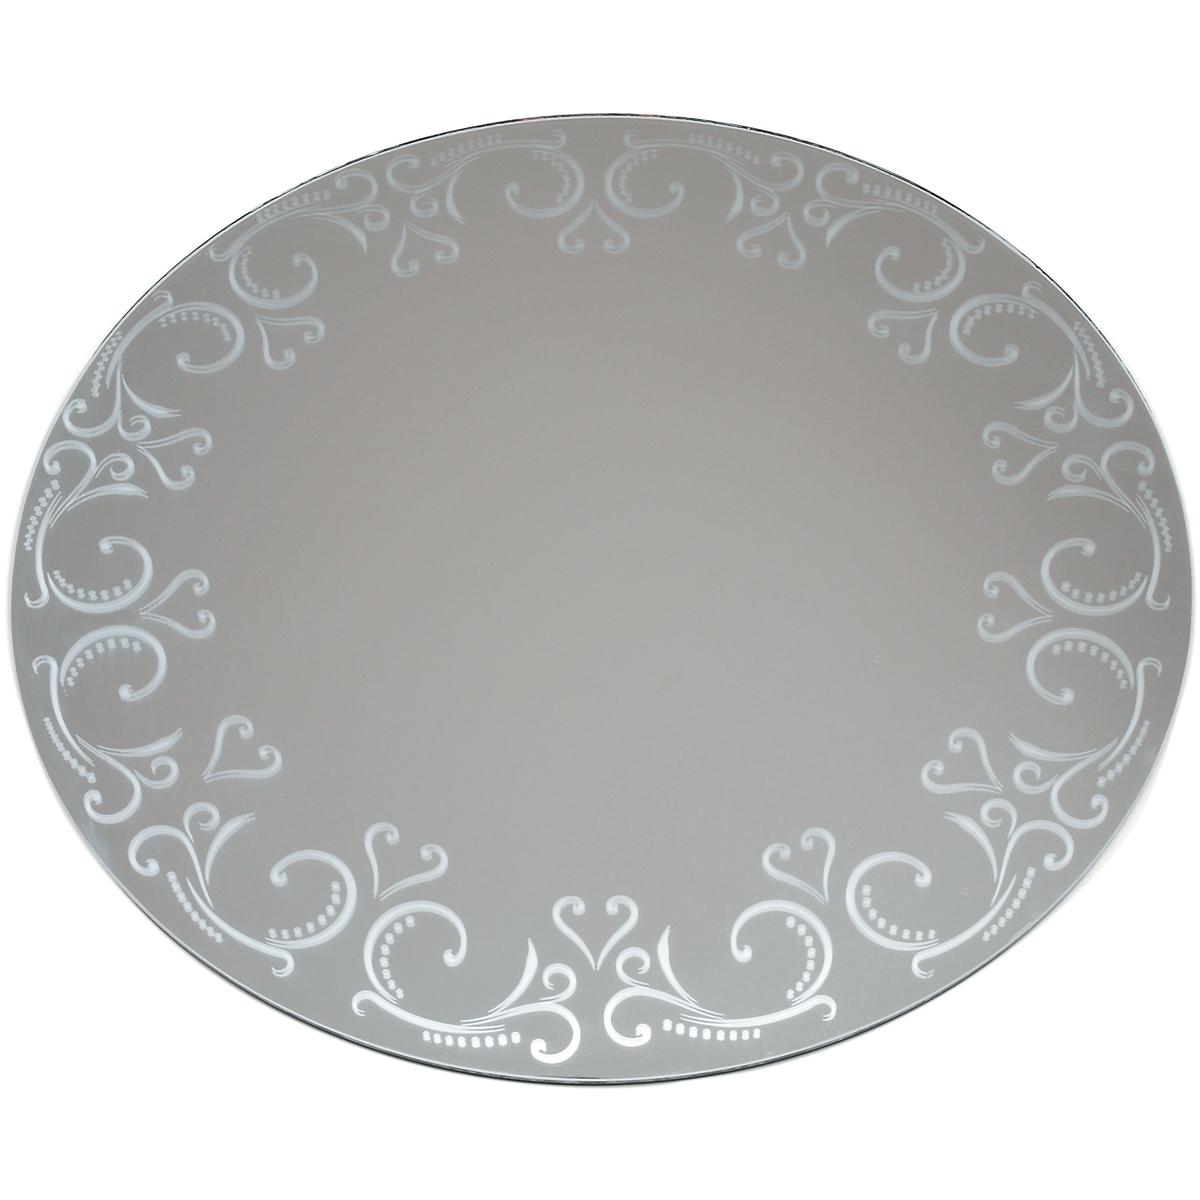 Darice Round Pattern Mirror, 12